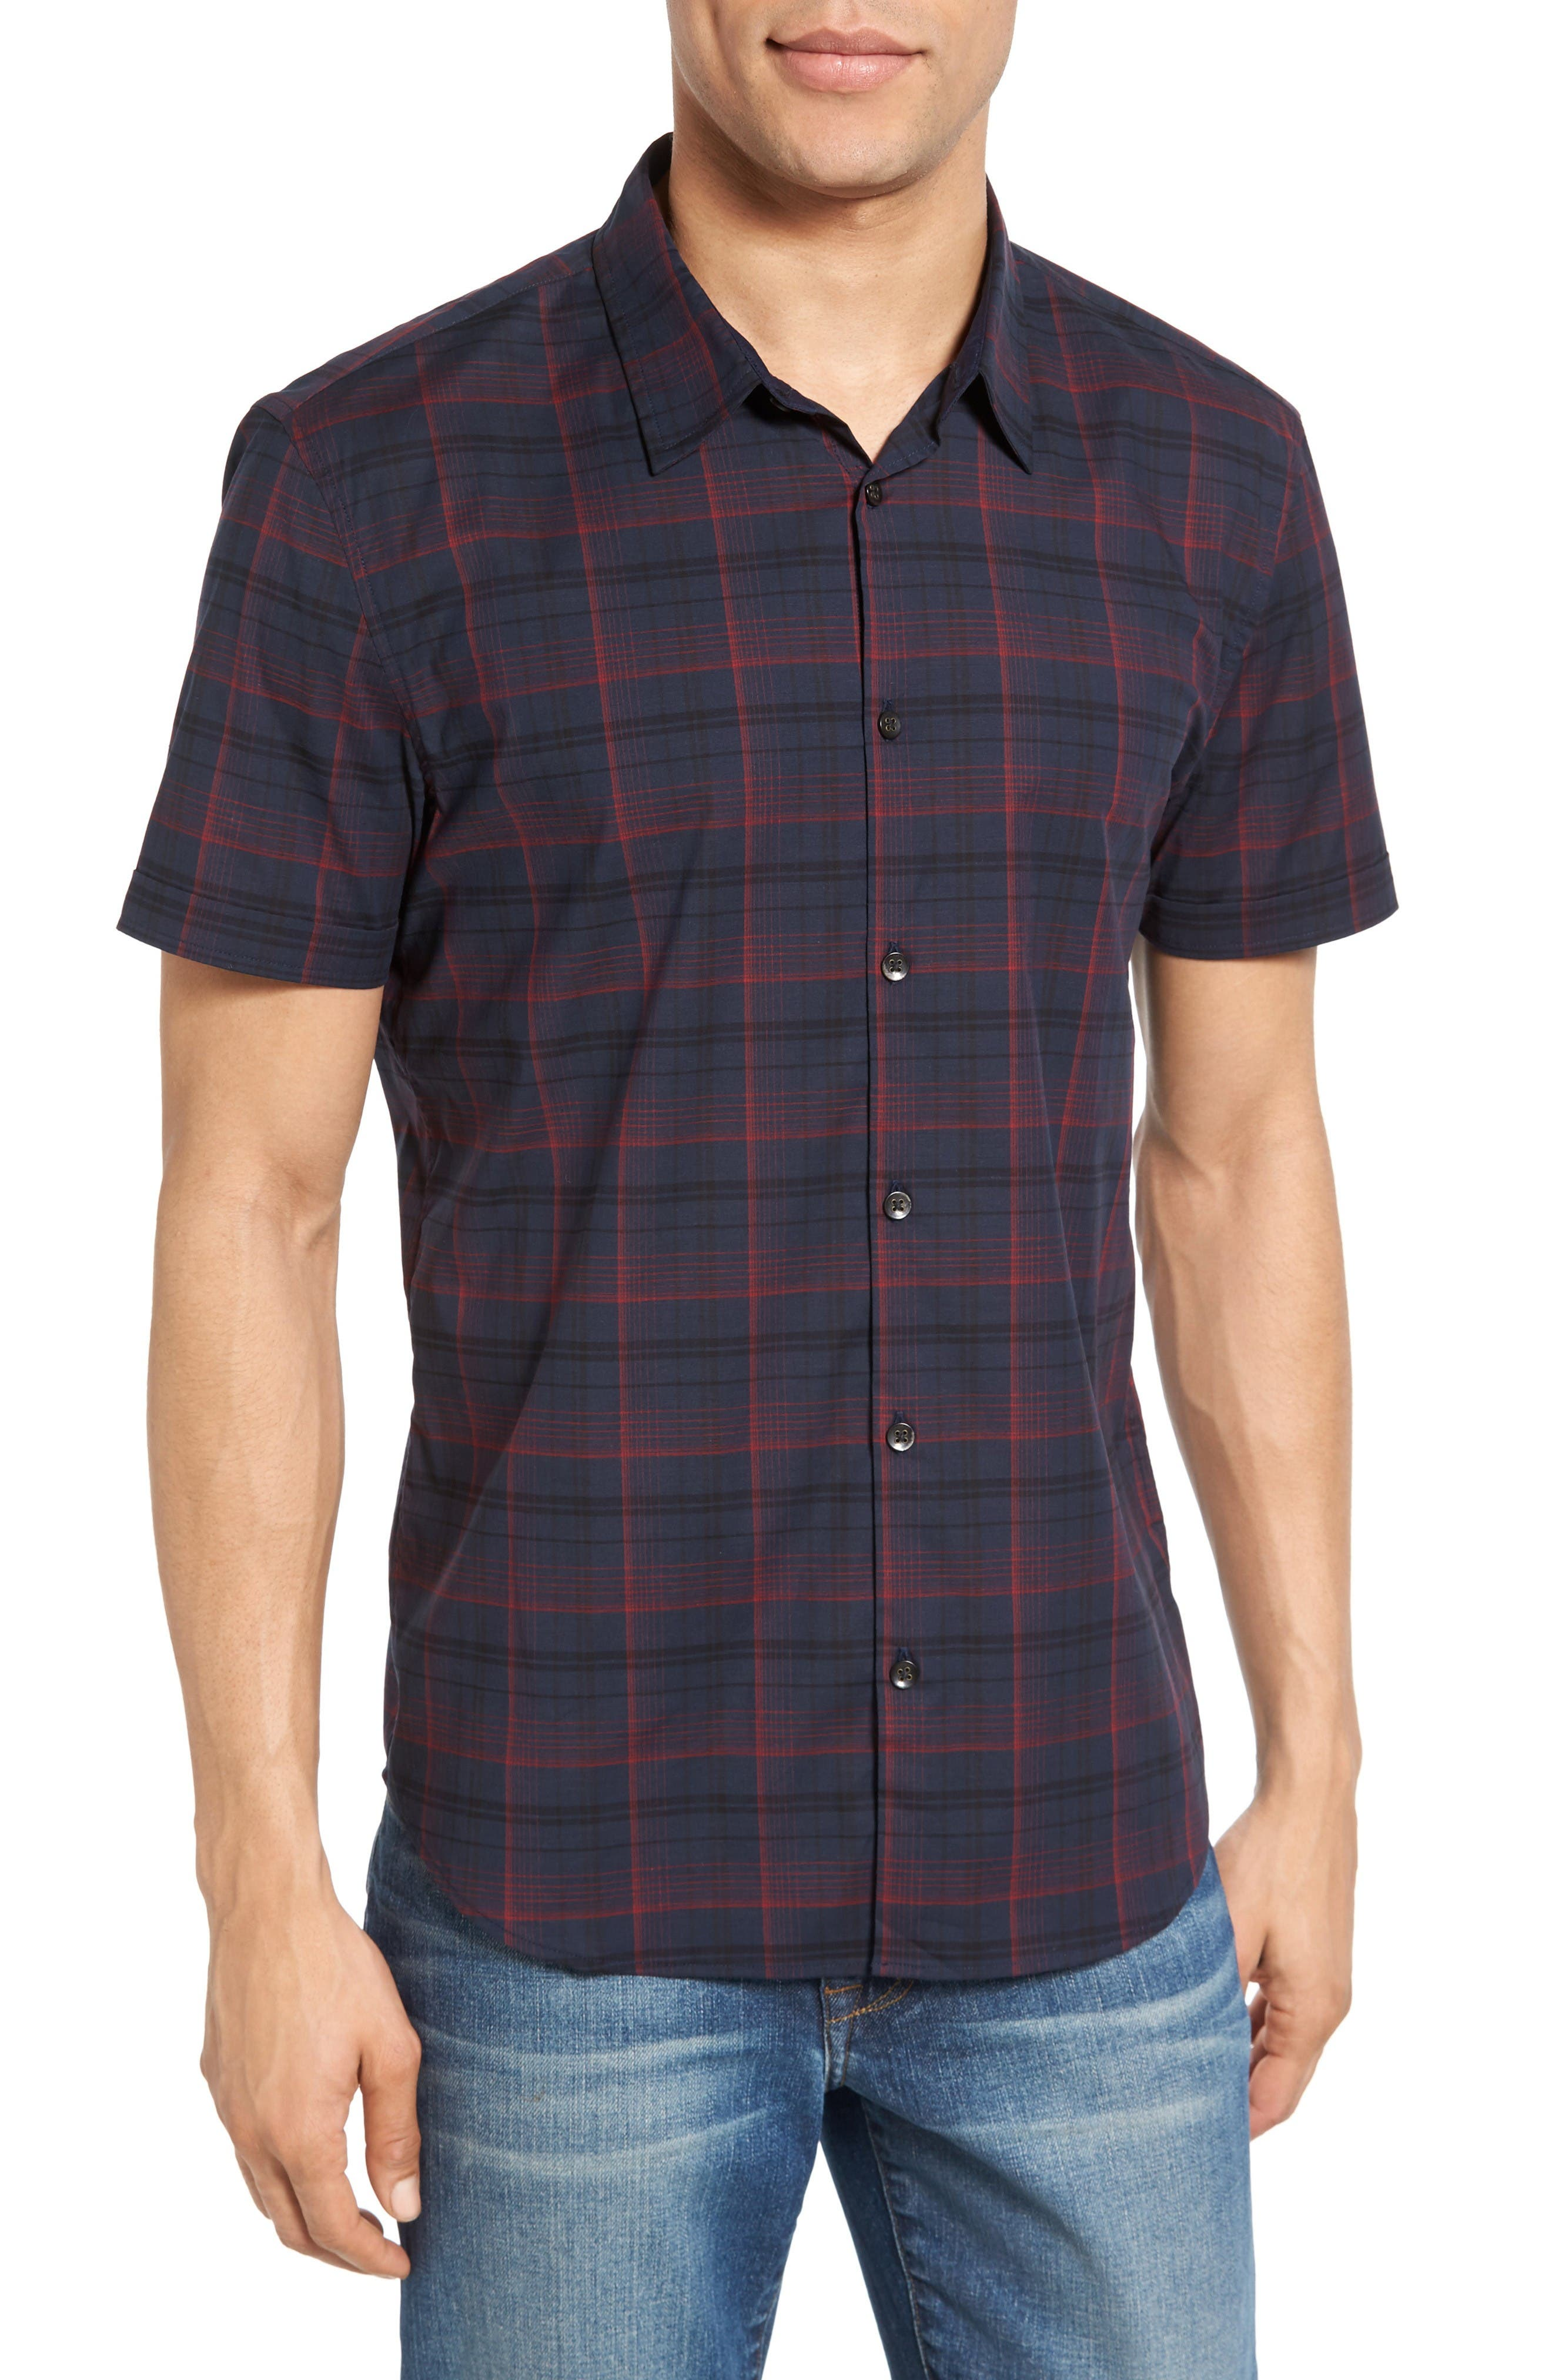 Alternate Image 1 Selected - John Varvatos Star USA Cotton Sport Shirt